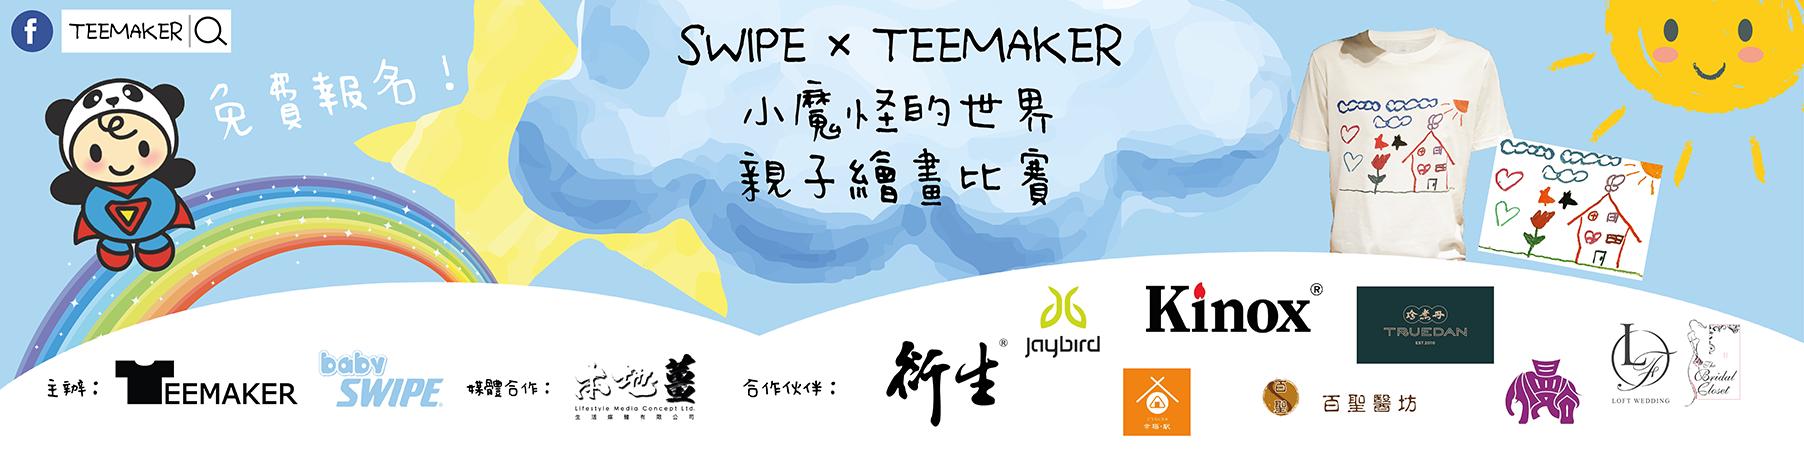 SWIPE X TEEMAKER「 小魔怪的世界」親子繪畫比賽